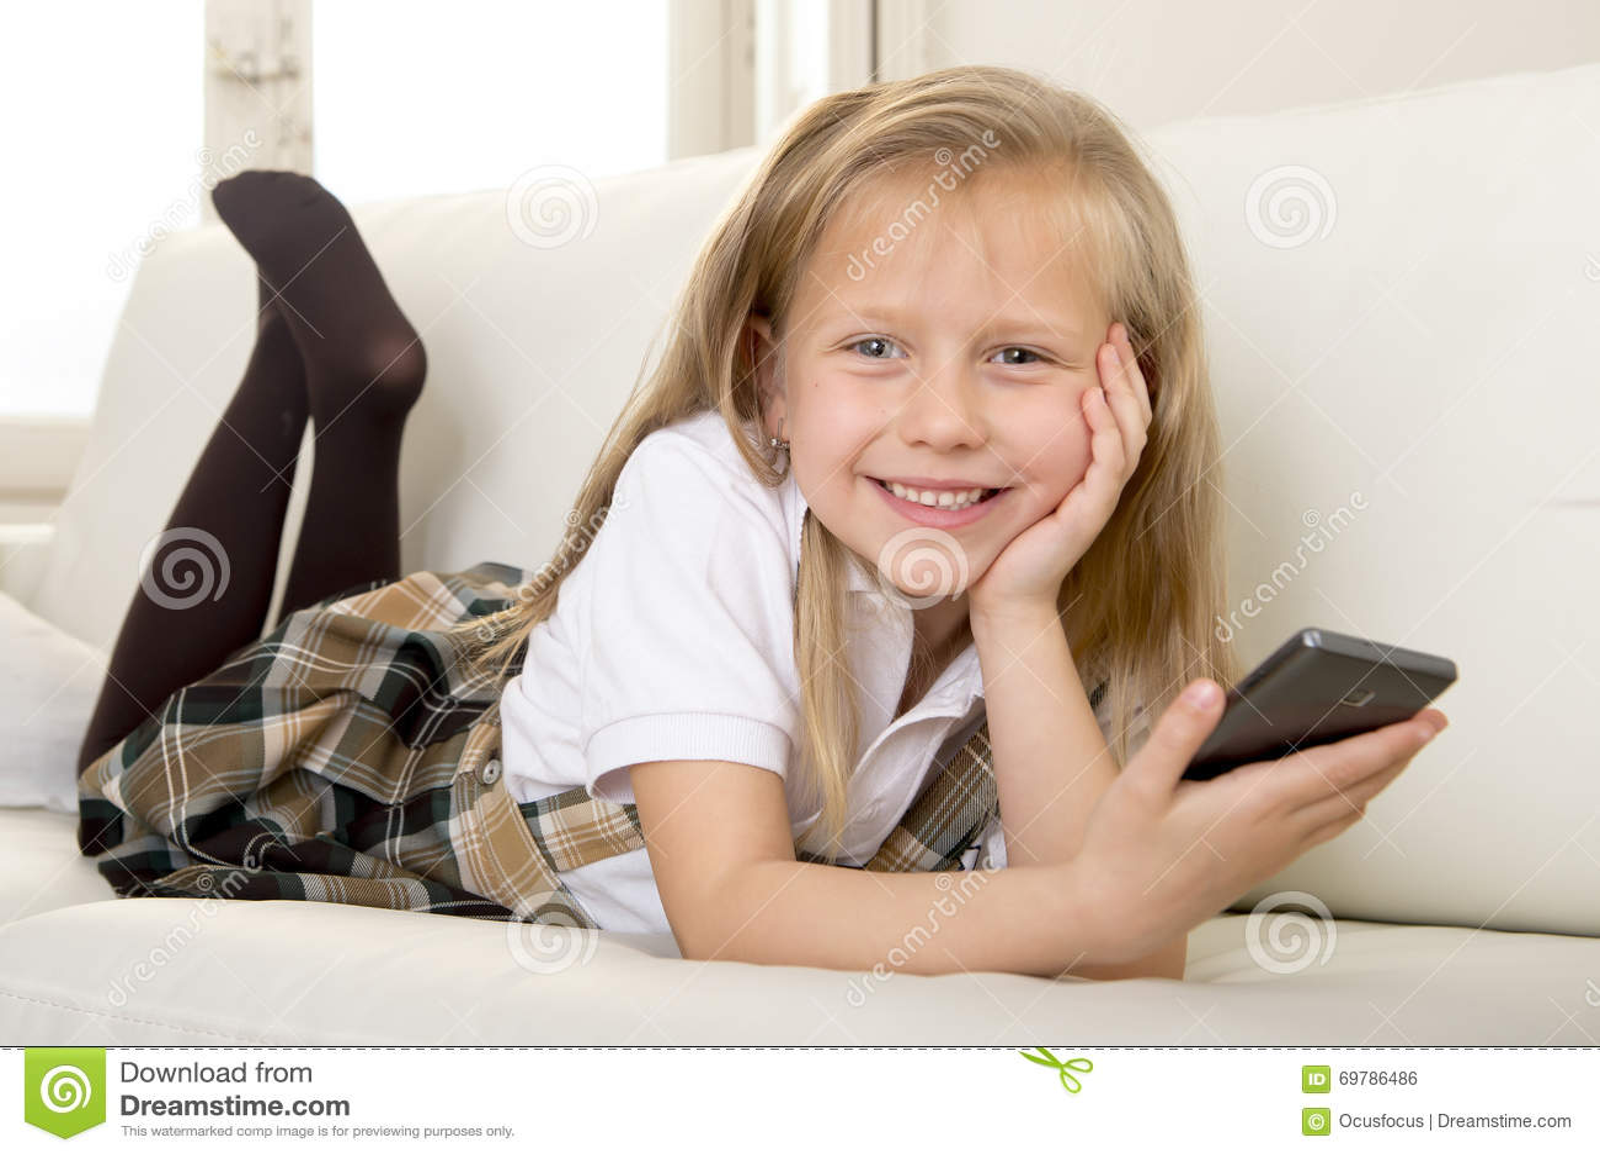 petite fille blonde heureuse sur le sofa la maison utilisant l 39 internet app au t l phone. Black Bedroom Furniture Sets. Home Design Ideas